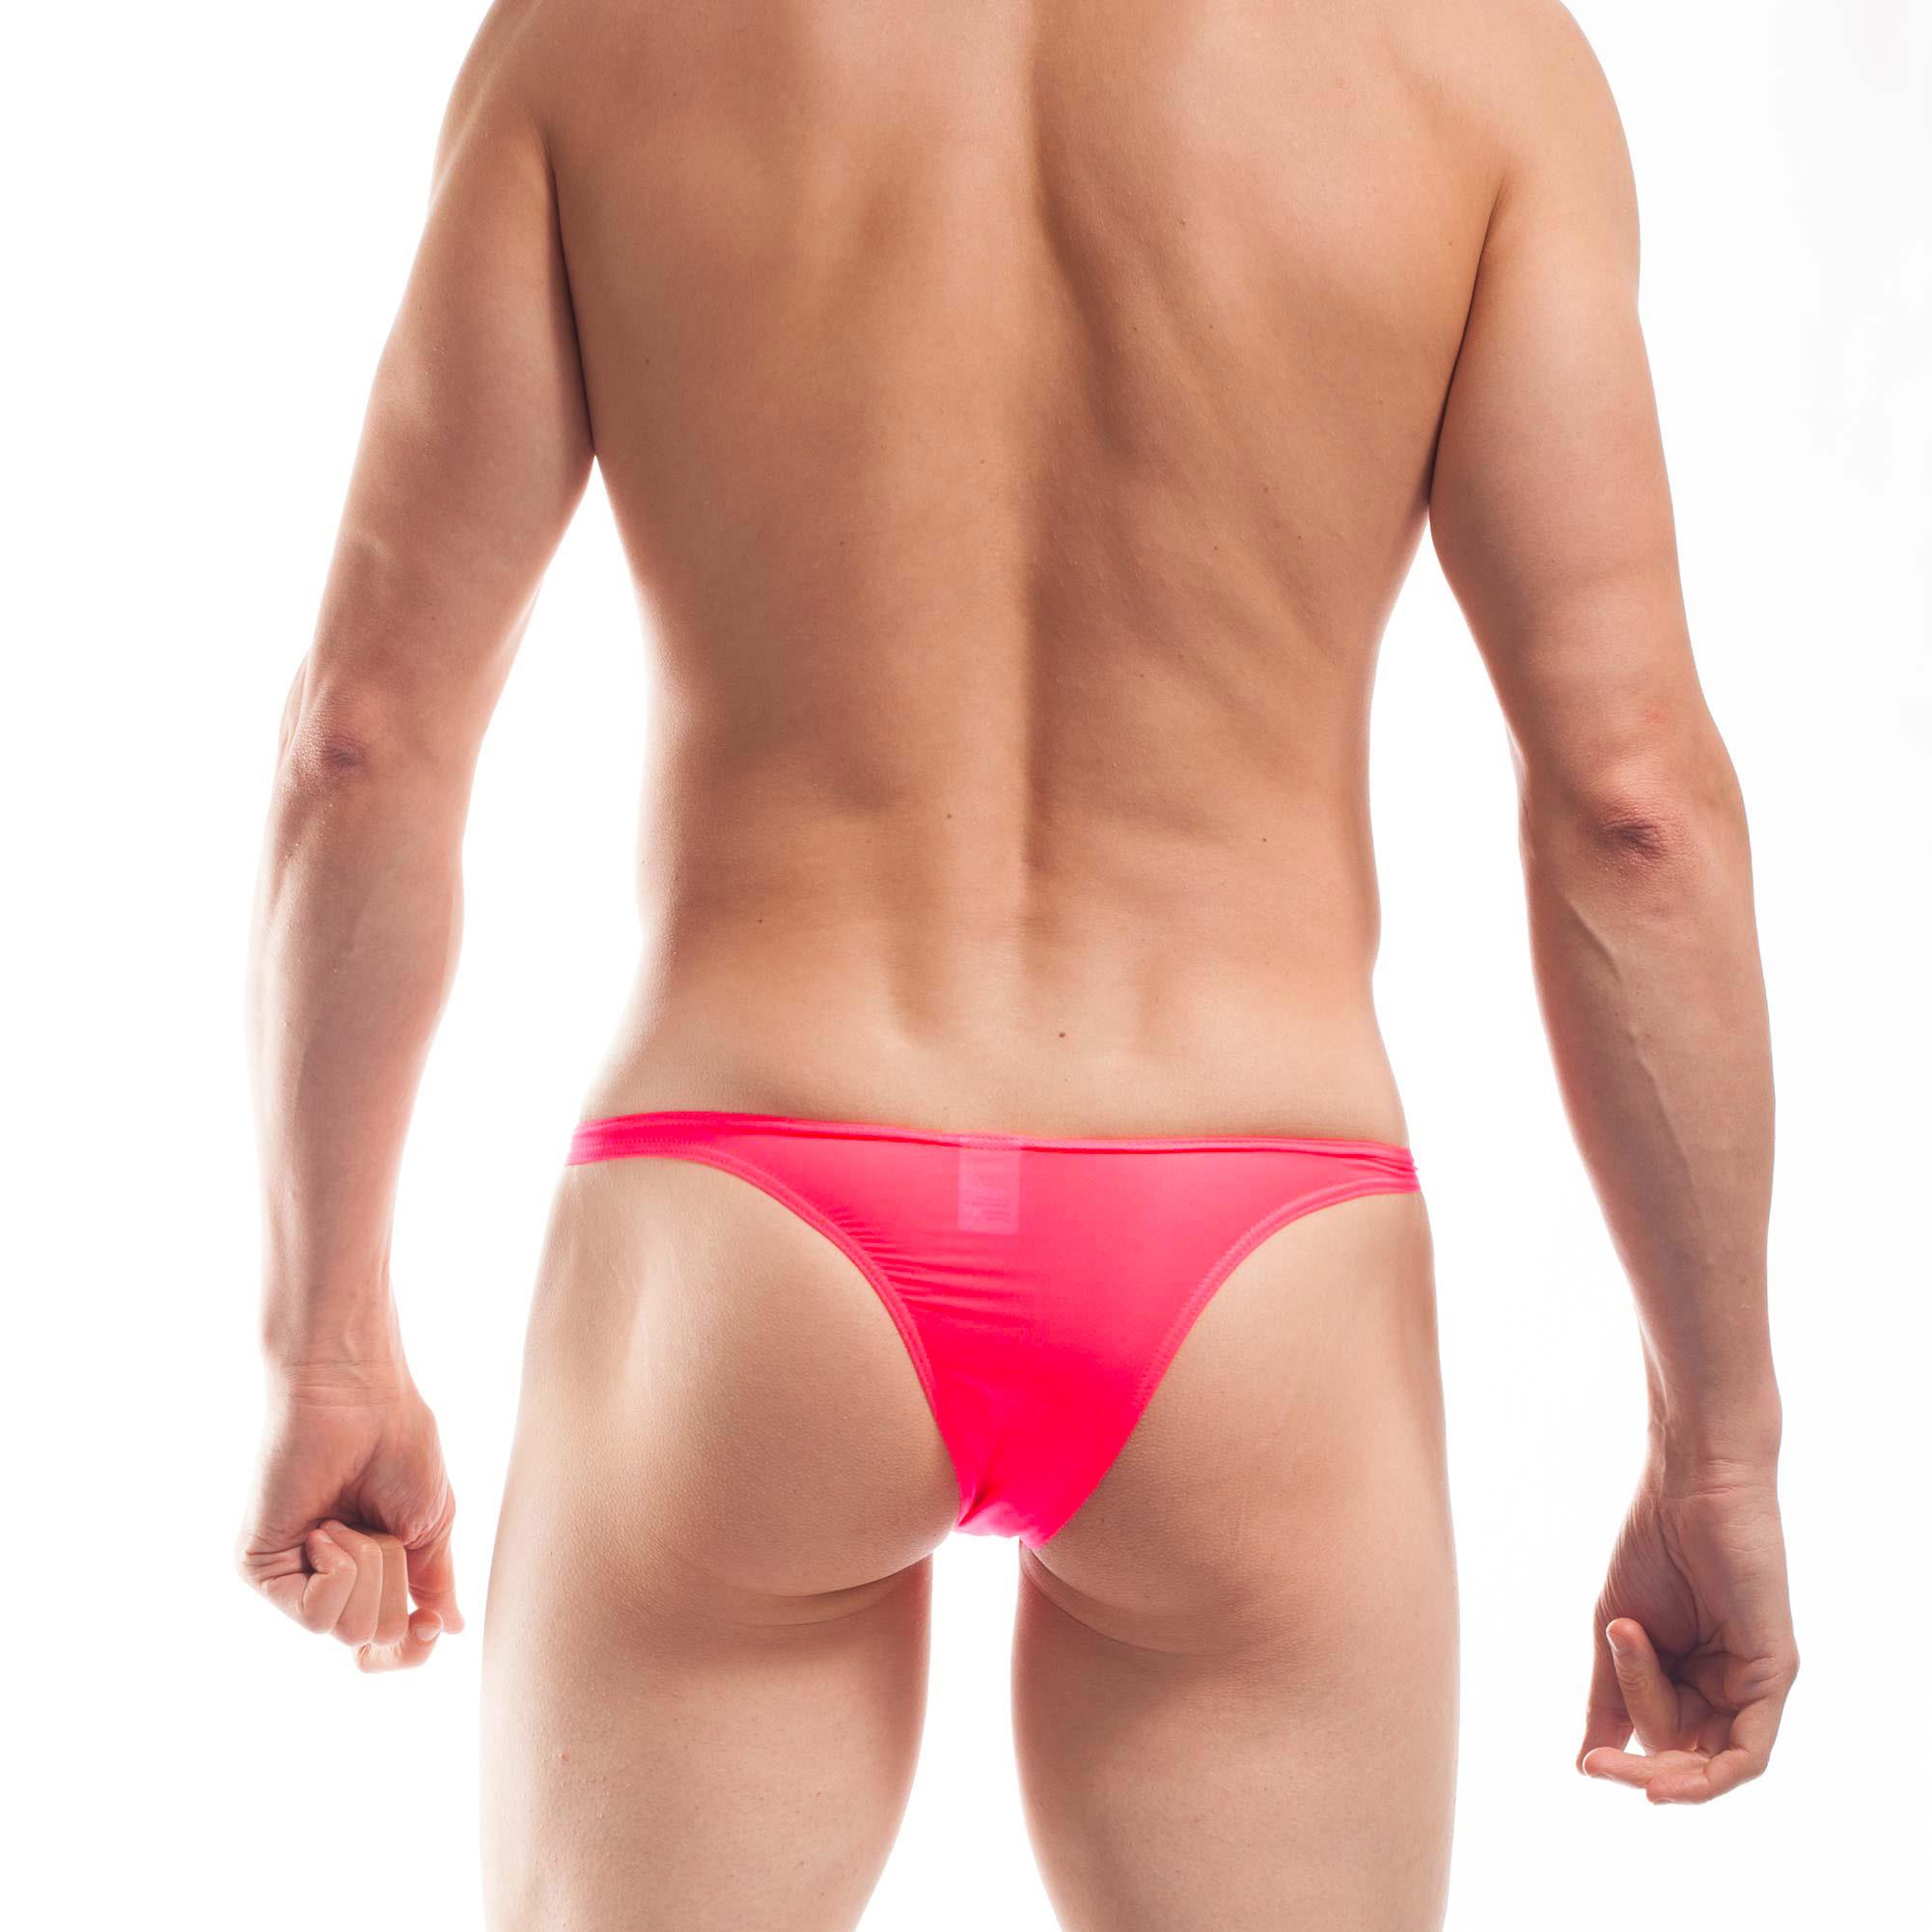 BEUN BASIC MINI TANGA Neon Coral, Neon Pink-Rot. Uhhh, wer auffallen will, sollte den im Kleiderschrank haben. Dieser gewagte BEUN Mini PushUp Tanga in Neoncoral zieht Blicke auf sich. So bequem unter der Jeans, aber viel zu schade, um ihn immer zu verstecken. Also raus an den Strand, denn der Beach & Underwear Tanga ist Salz- und Chlorwasserbeständig. Psst: Nur wer genau hinsieht bemerkt die verführerisch leichte Transparenz. WOJOER